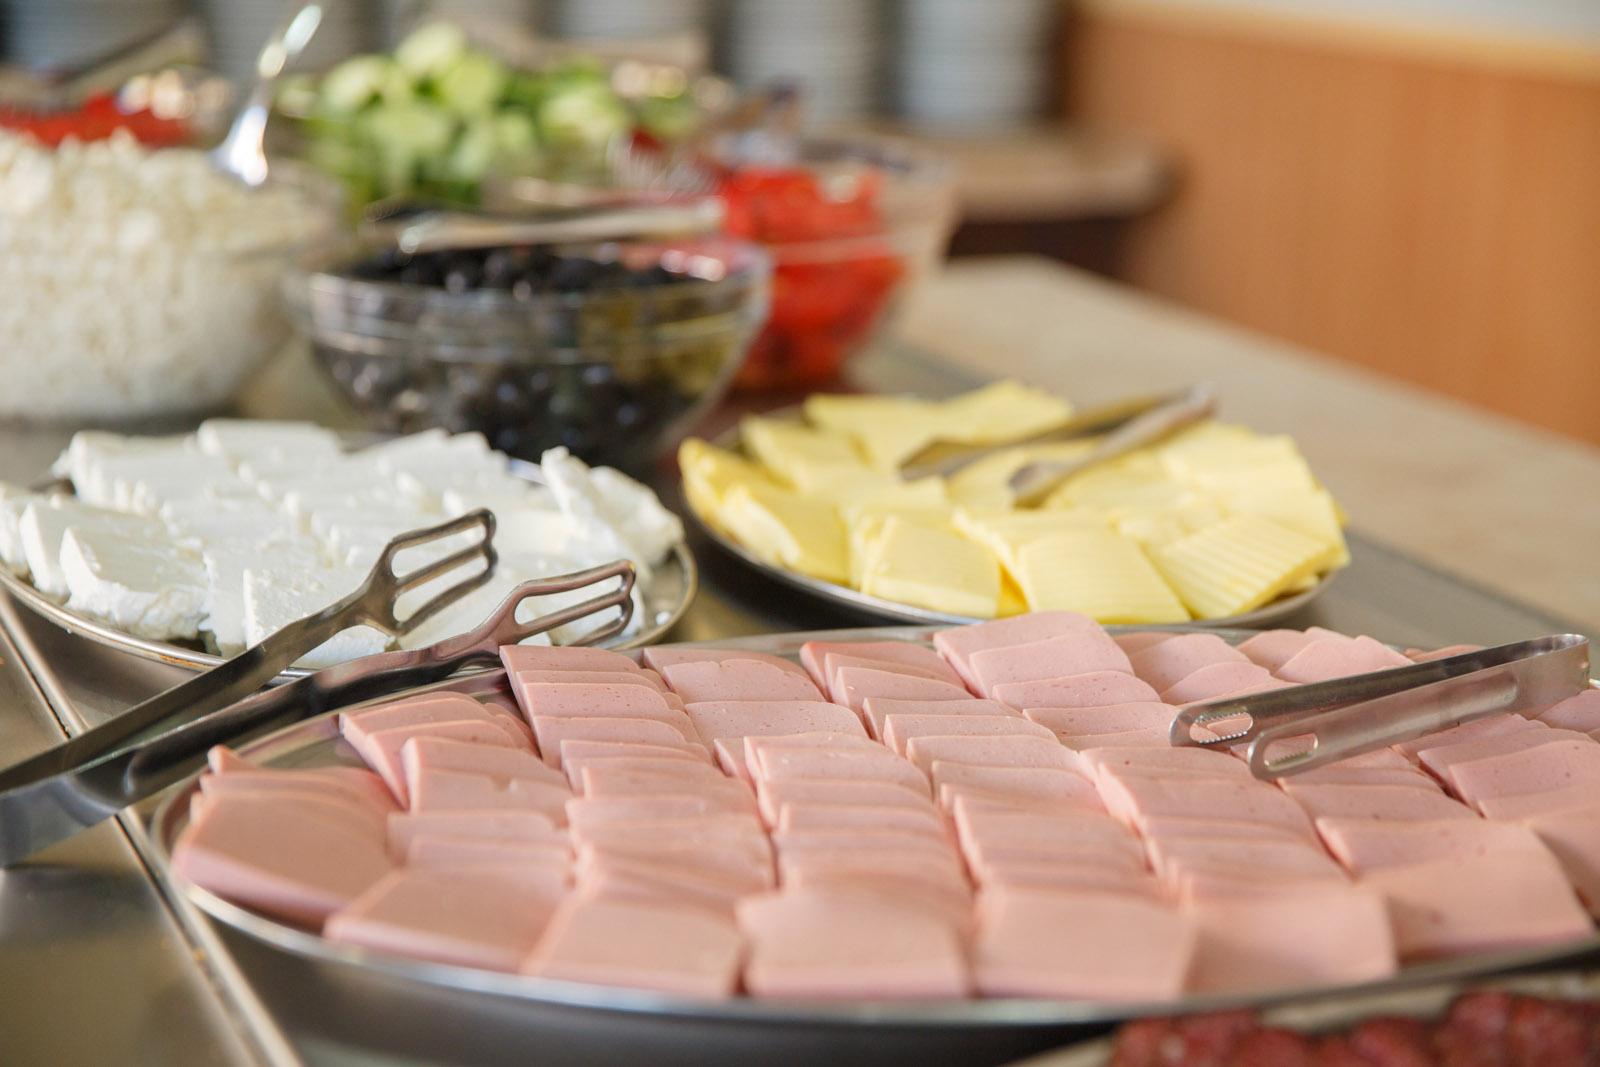 Харчування. Шведський стіл. Мовний табір в Болгарії (Ахелой)